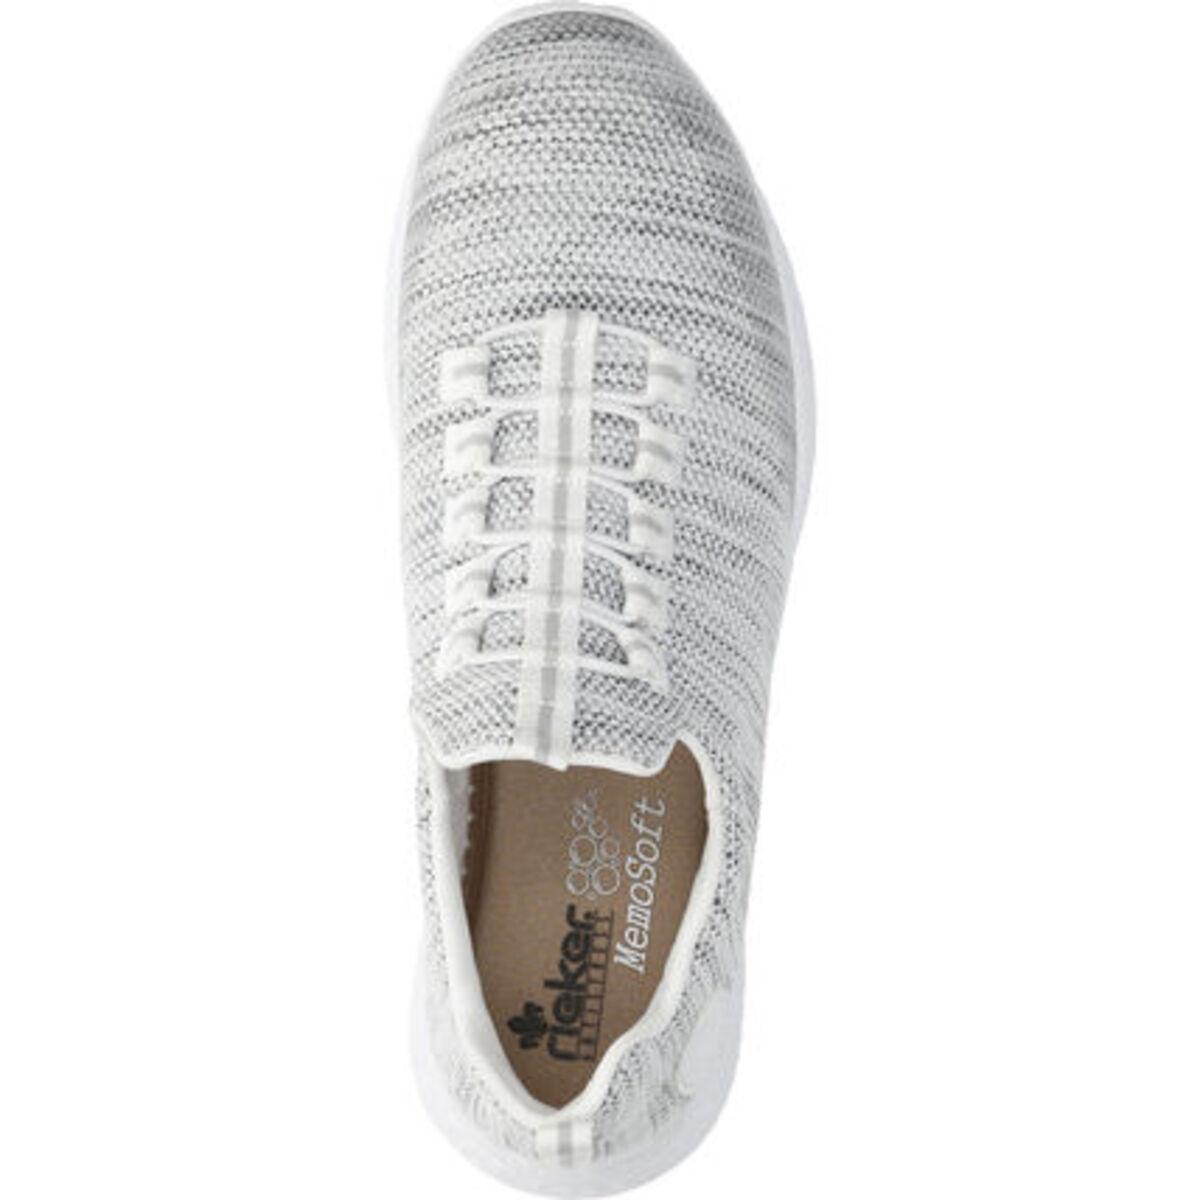 Bild 2 von Rieker Sneaker, Slipper, für Damen